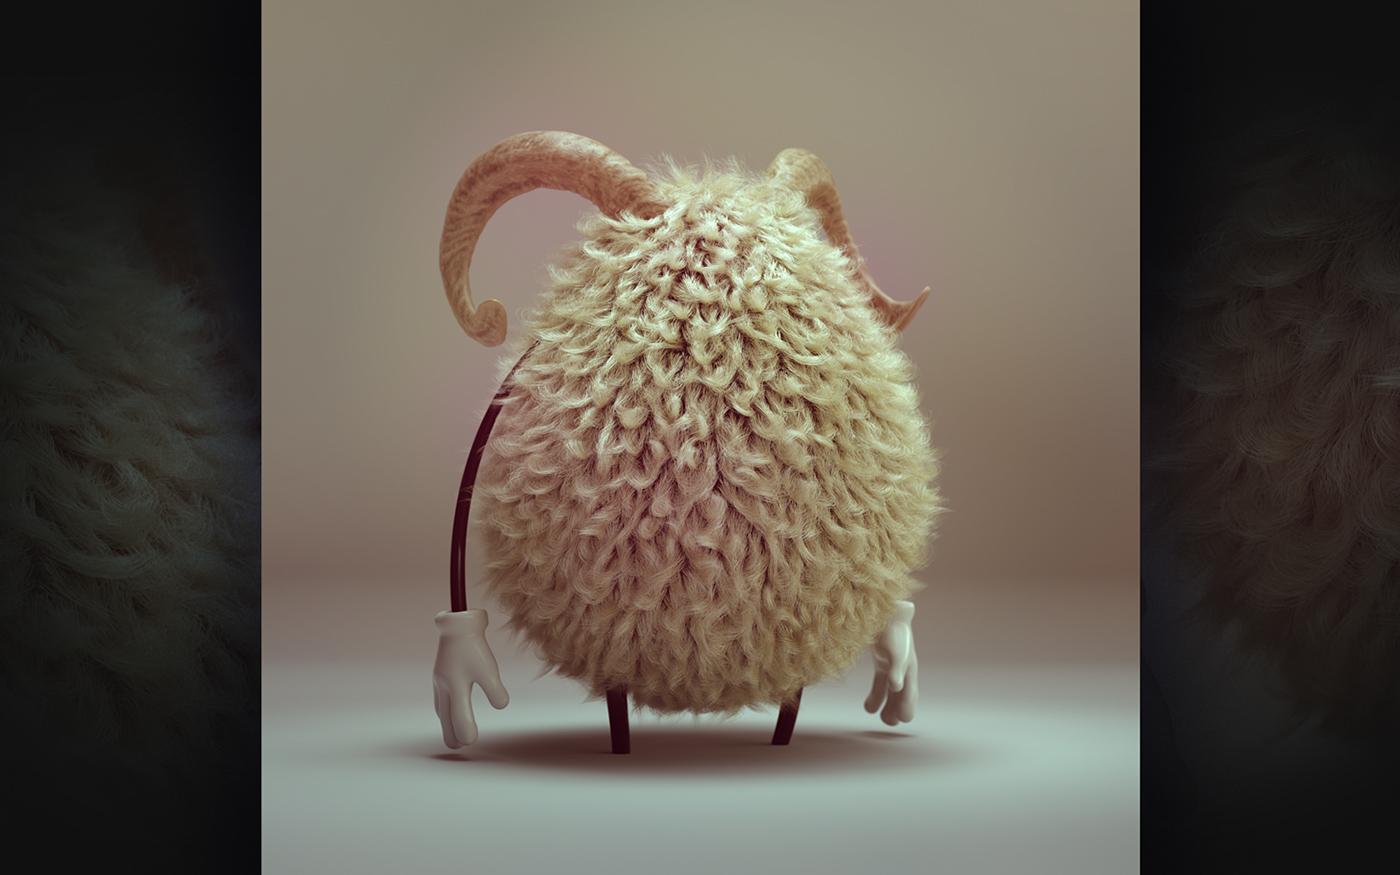 Дизайн игрушек / автор Zigor Samaniego